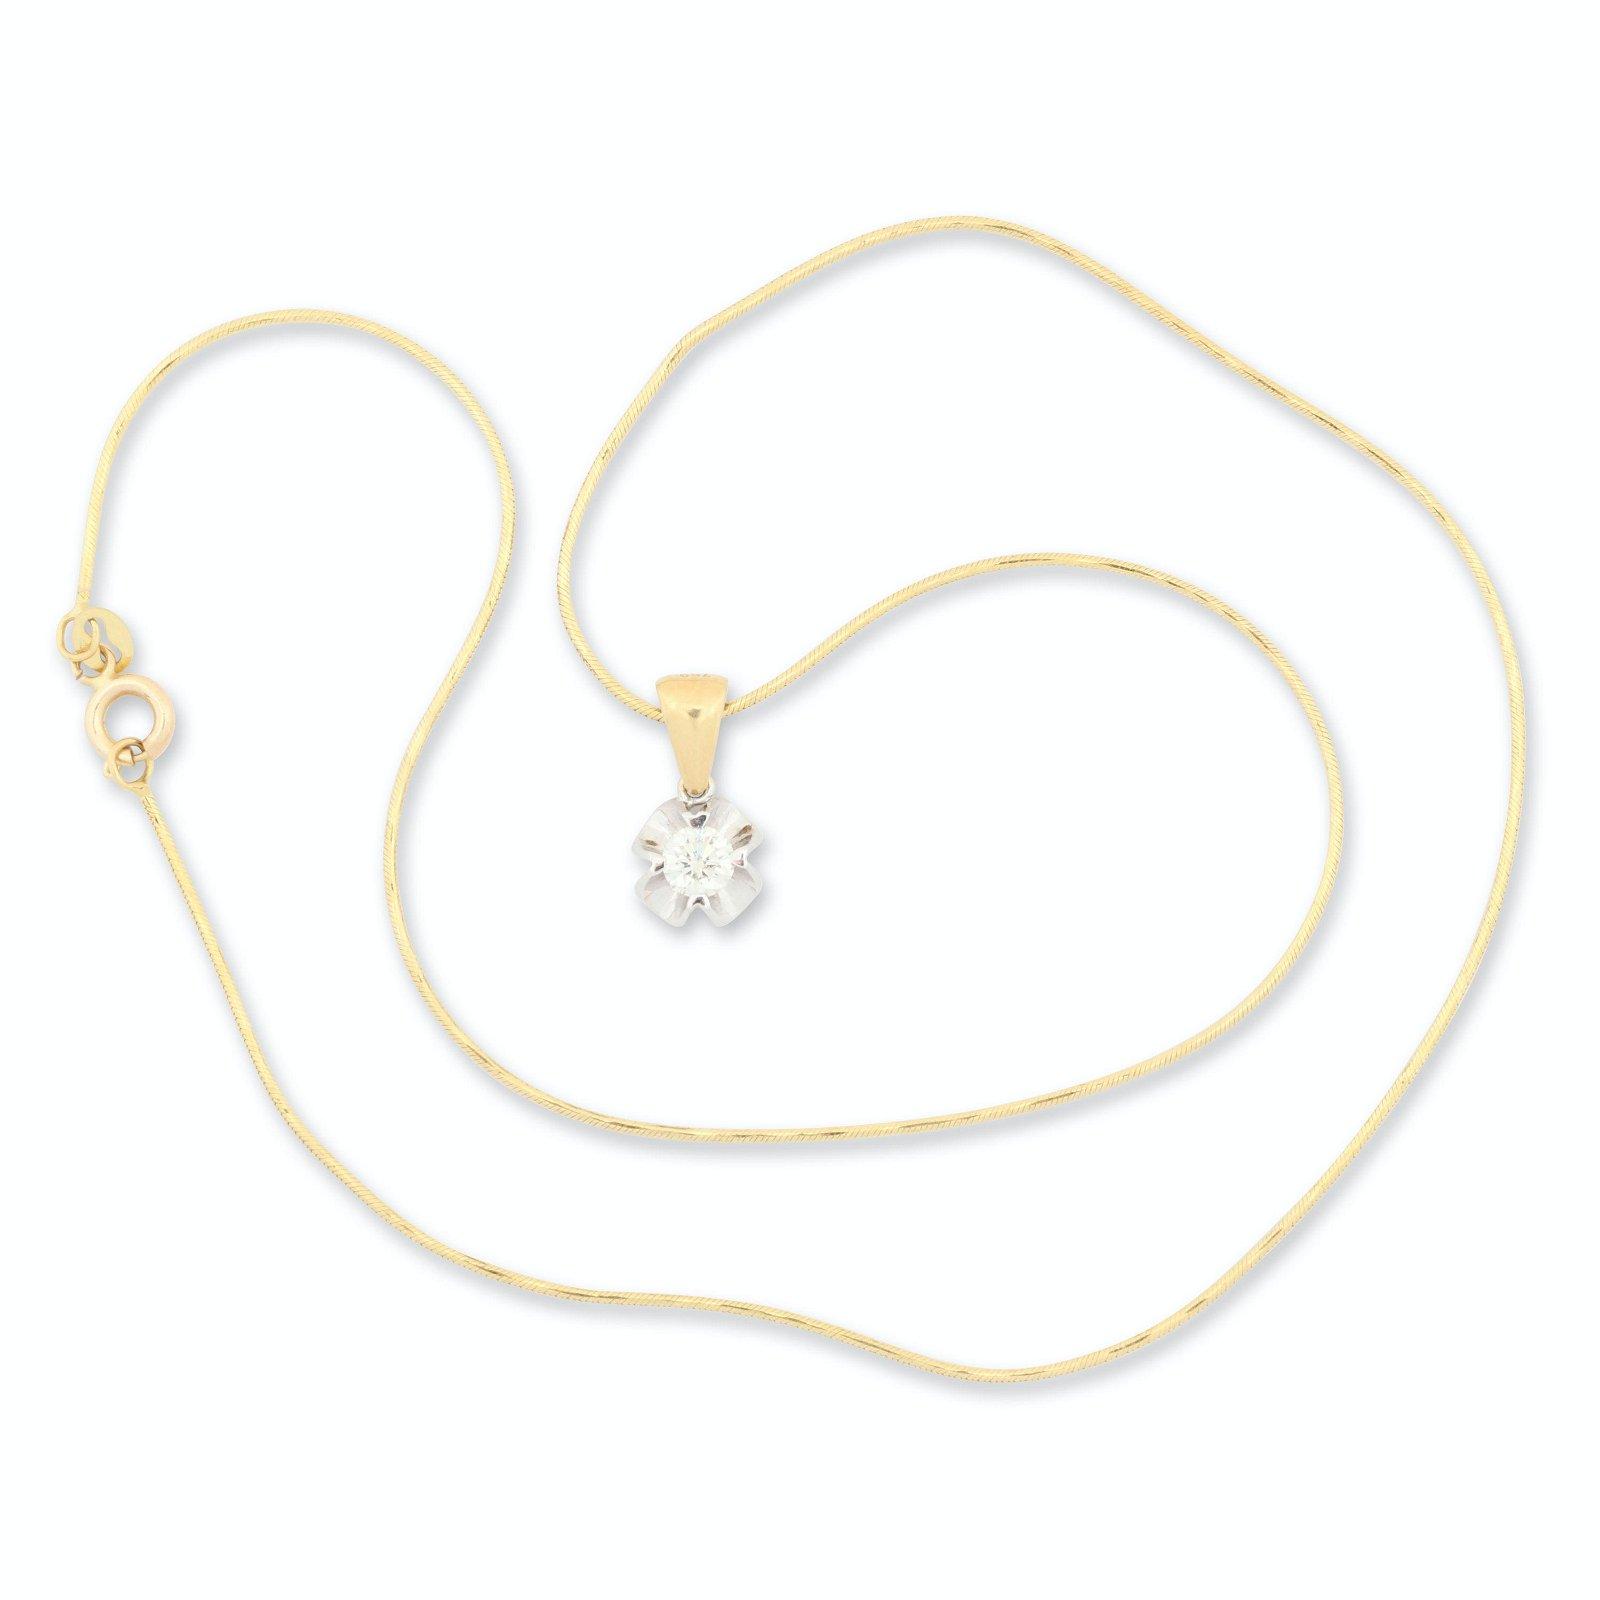 18K Yellow & White Gold Diamond Pendant Necklace